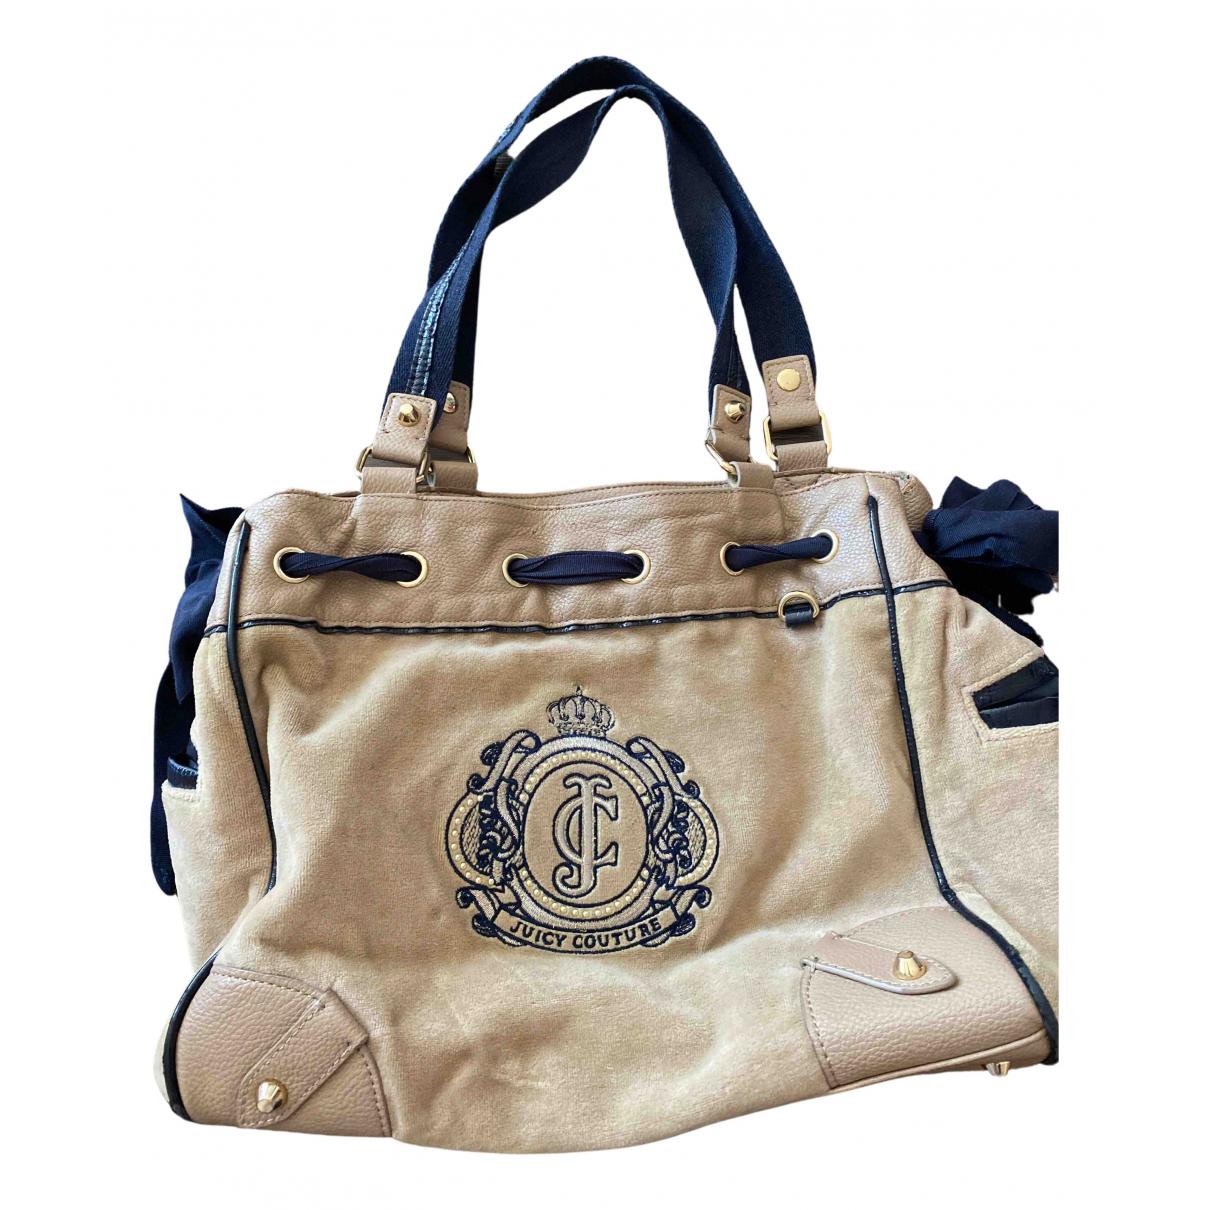 Juicy Couture \N Handtasche in  Beige Samt